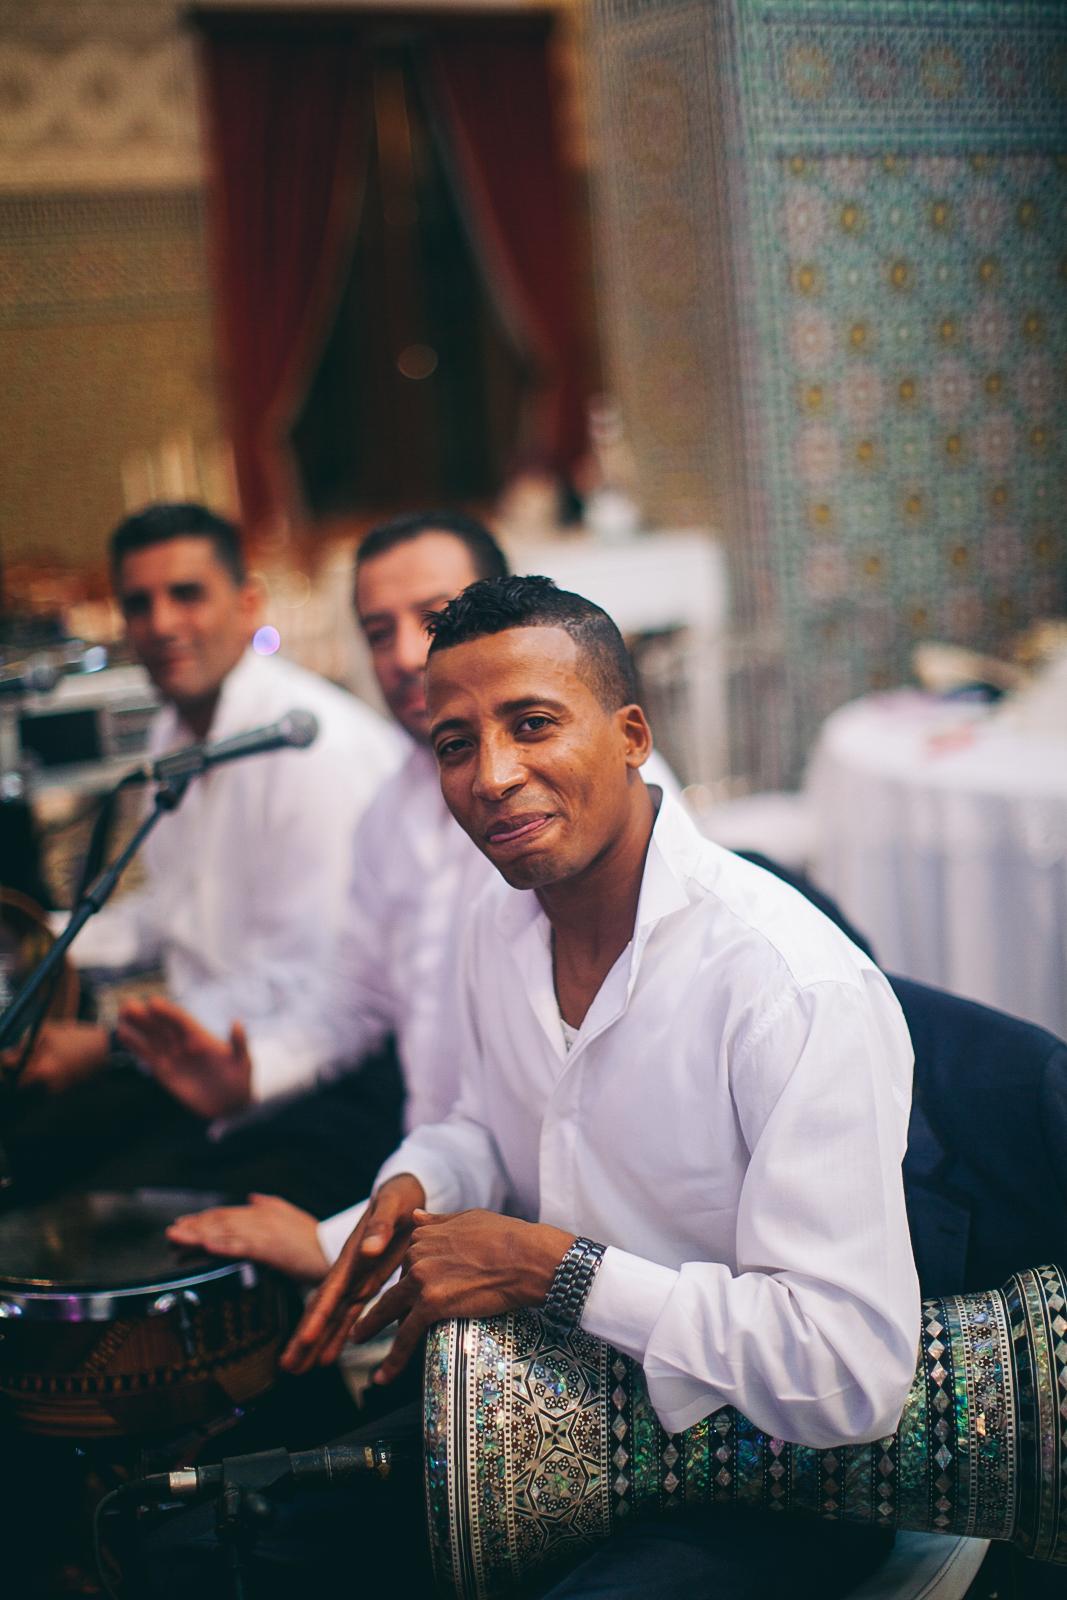 traditional_moroccan_wedding_photographry_casablanca_morocco_houda_vivek_ebony_siovhan_bokeh_photography_159.jpg